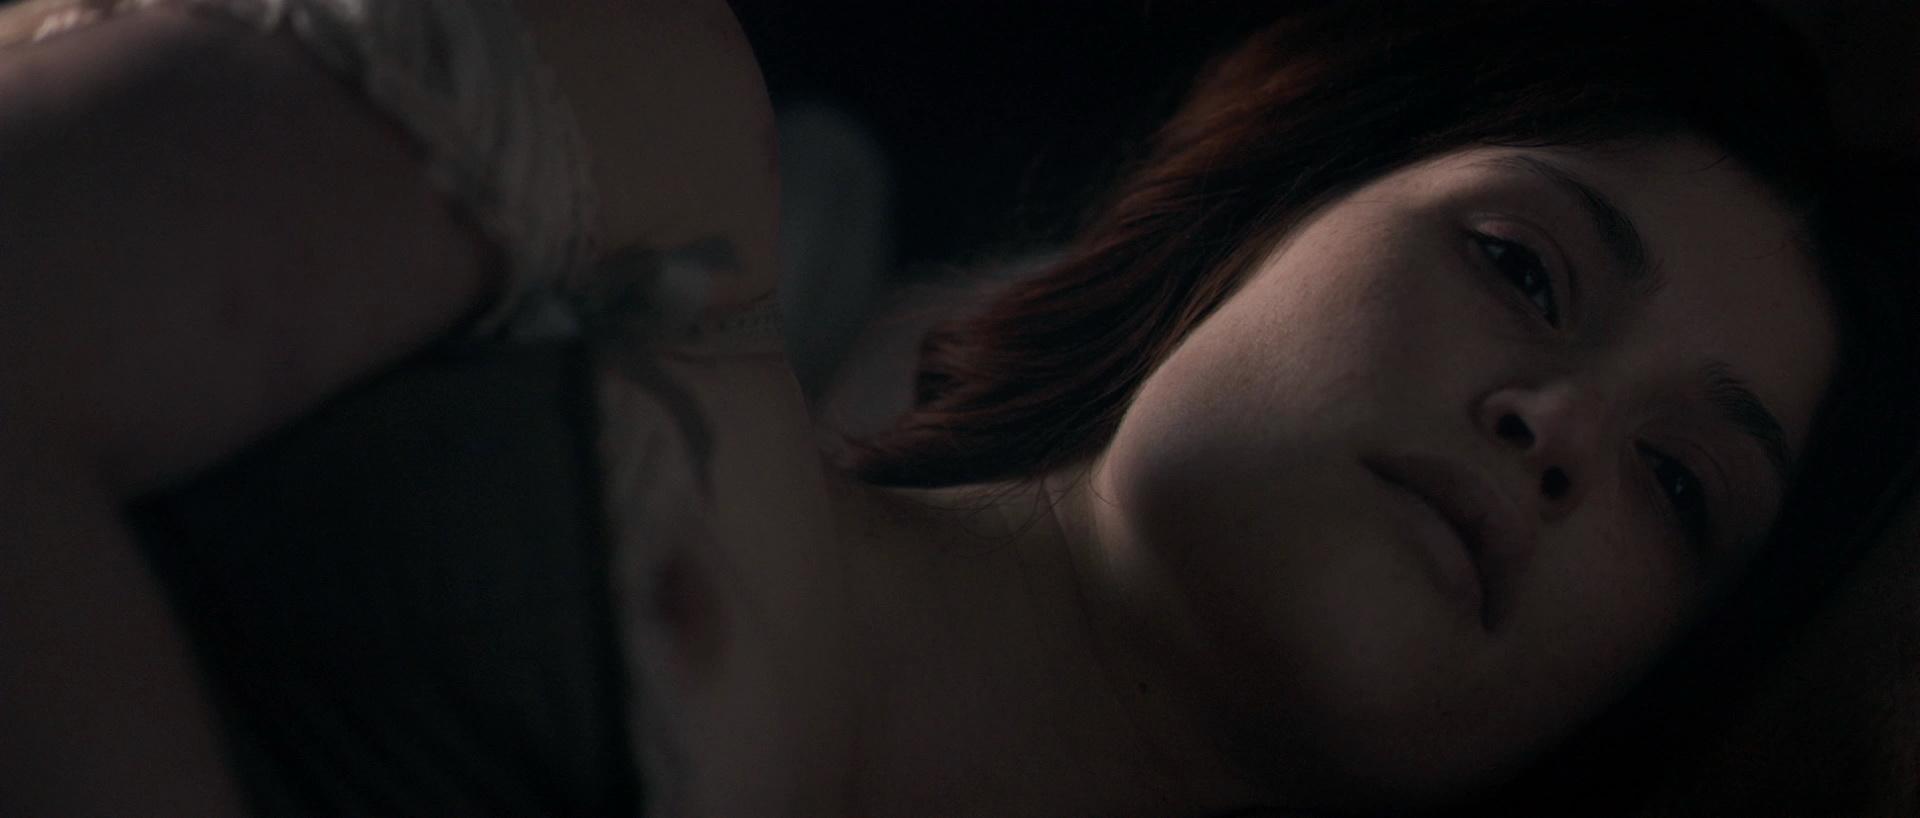 Lindsey vonn leaked photos,Mia Julia Bruckner Photos XXX photo Black playmate stormi maya nude photos,Slackerjack bubble mayhem